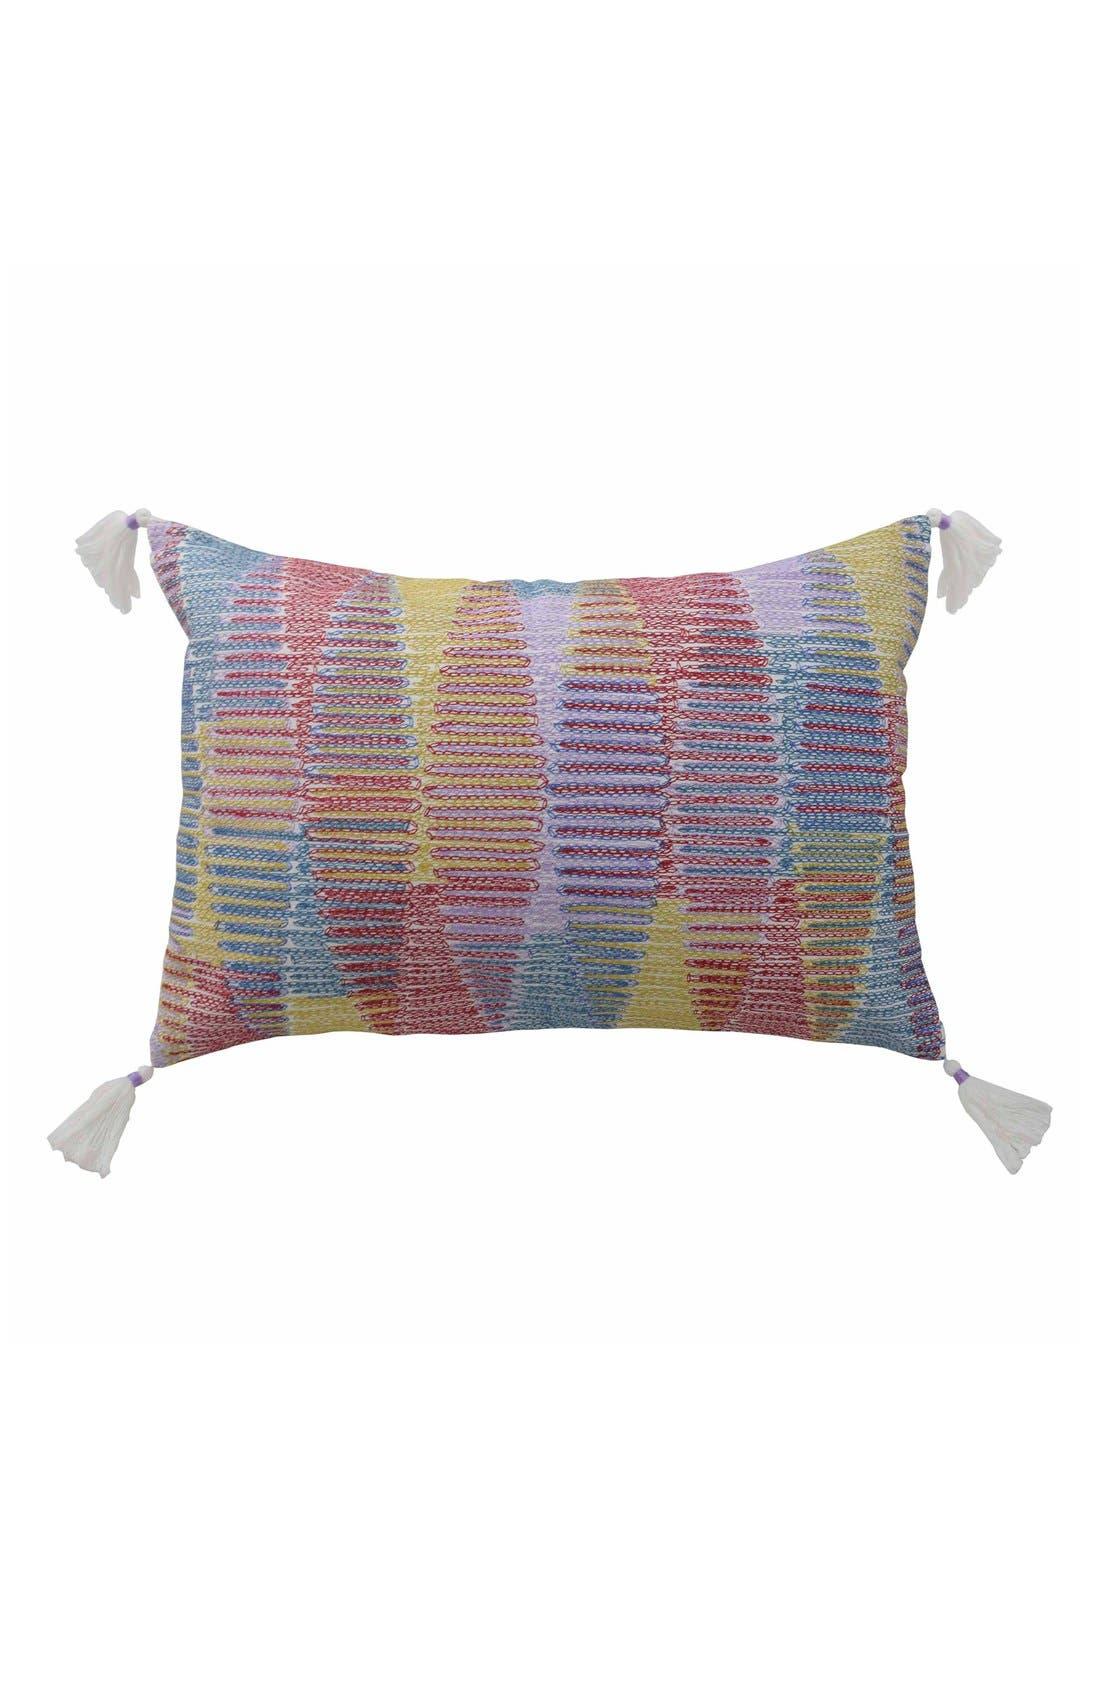 'Tanzania Malika' Pillow,                             Main thumbnail 1, color,                             400